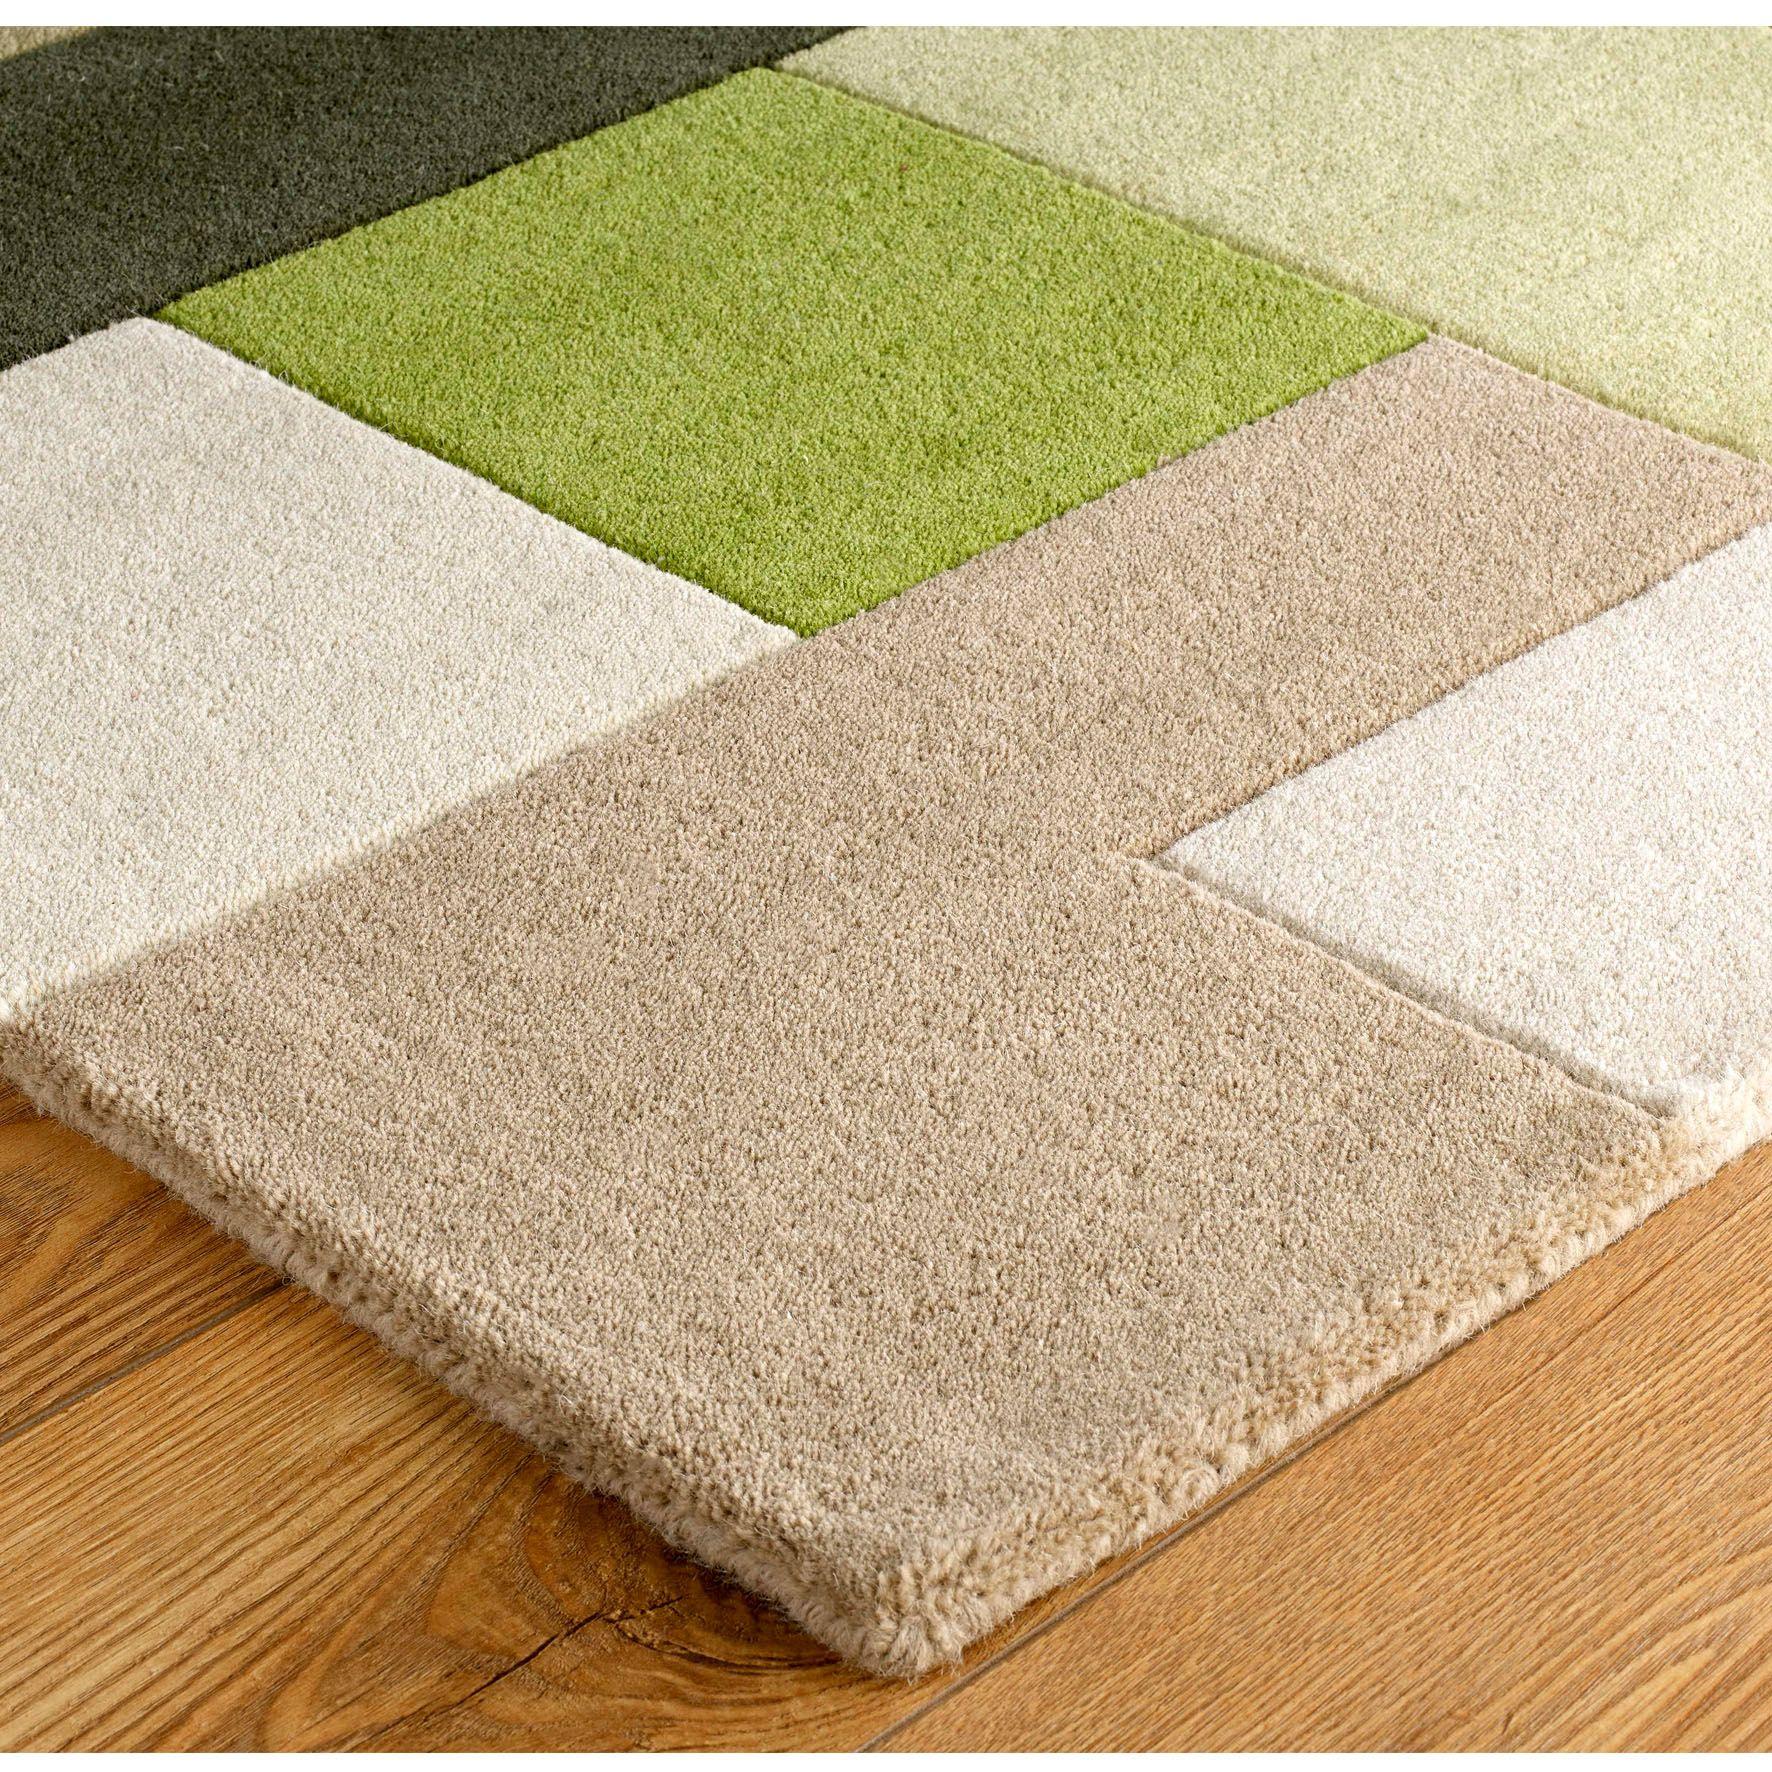 Lexus Green Rug Wool Rugs Texture Modern